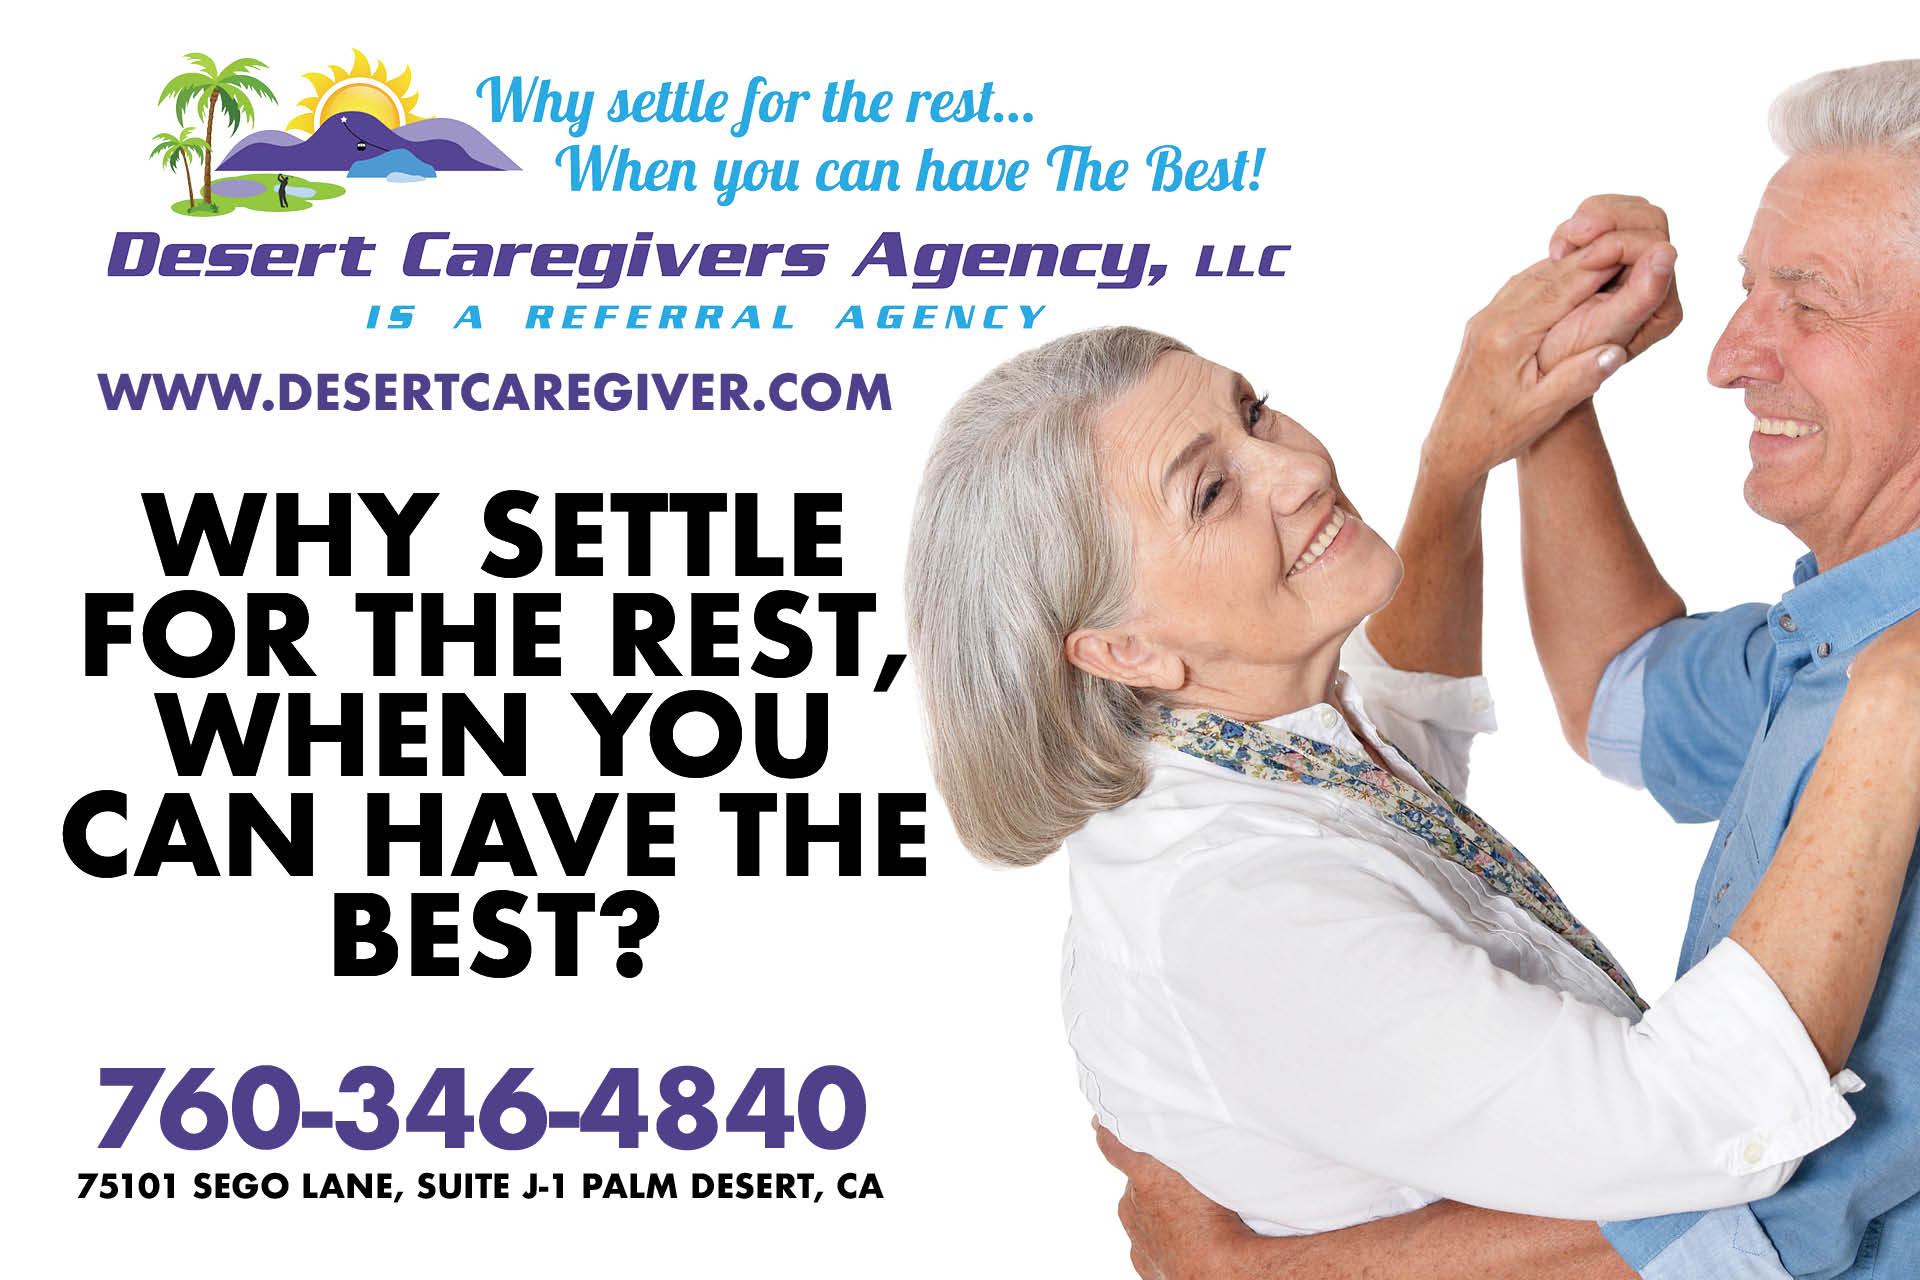 Desert Care Give Pure Promo